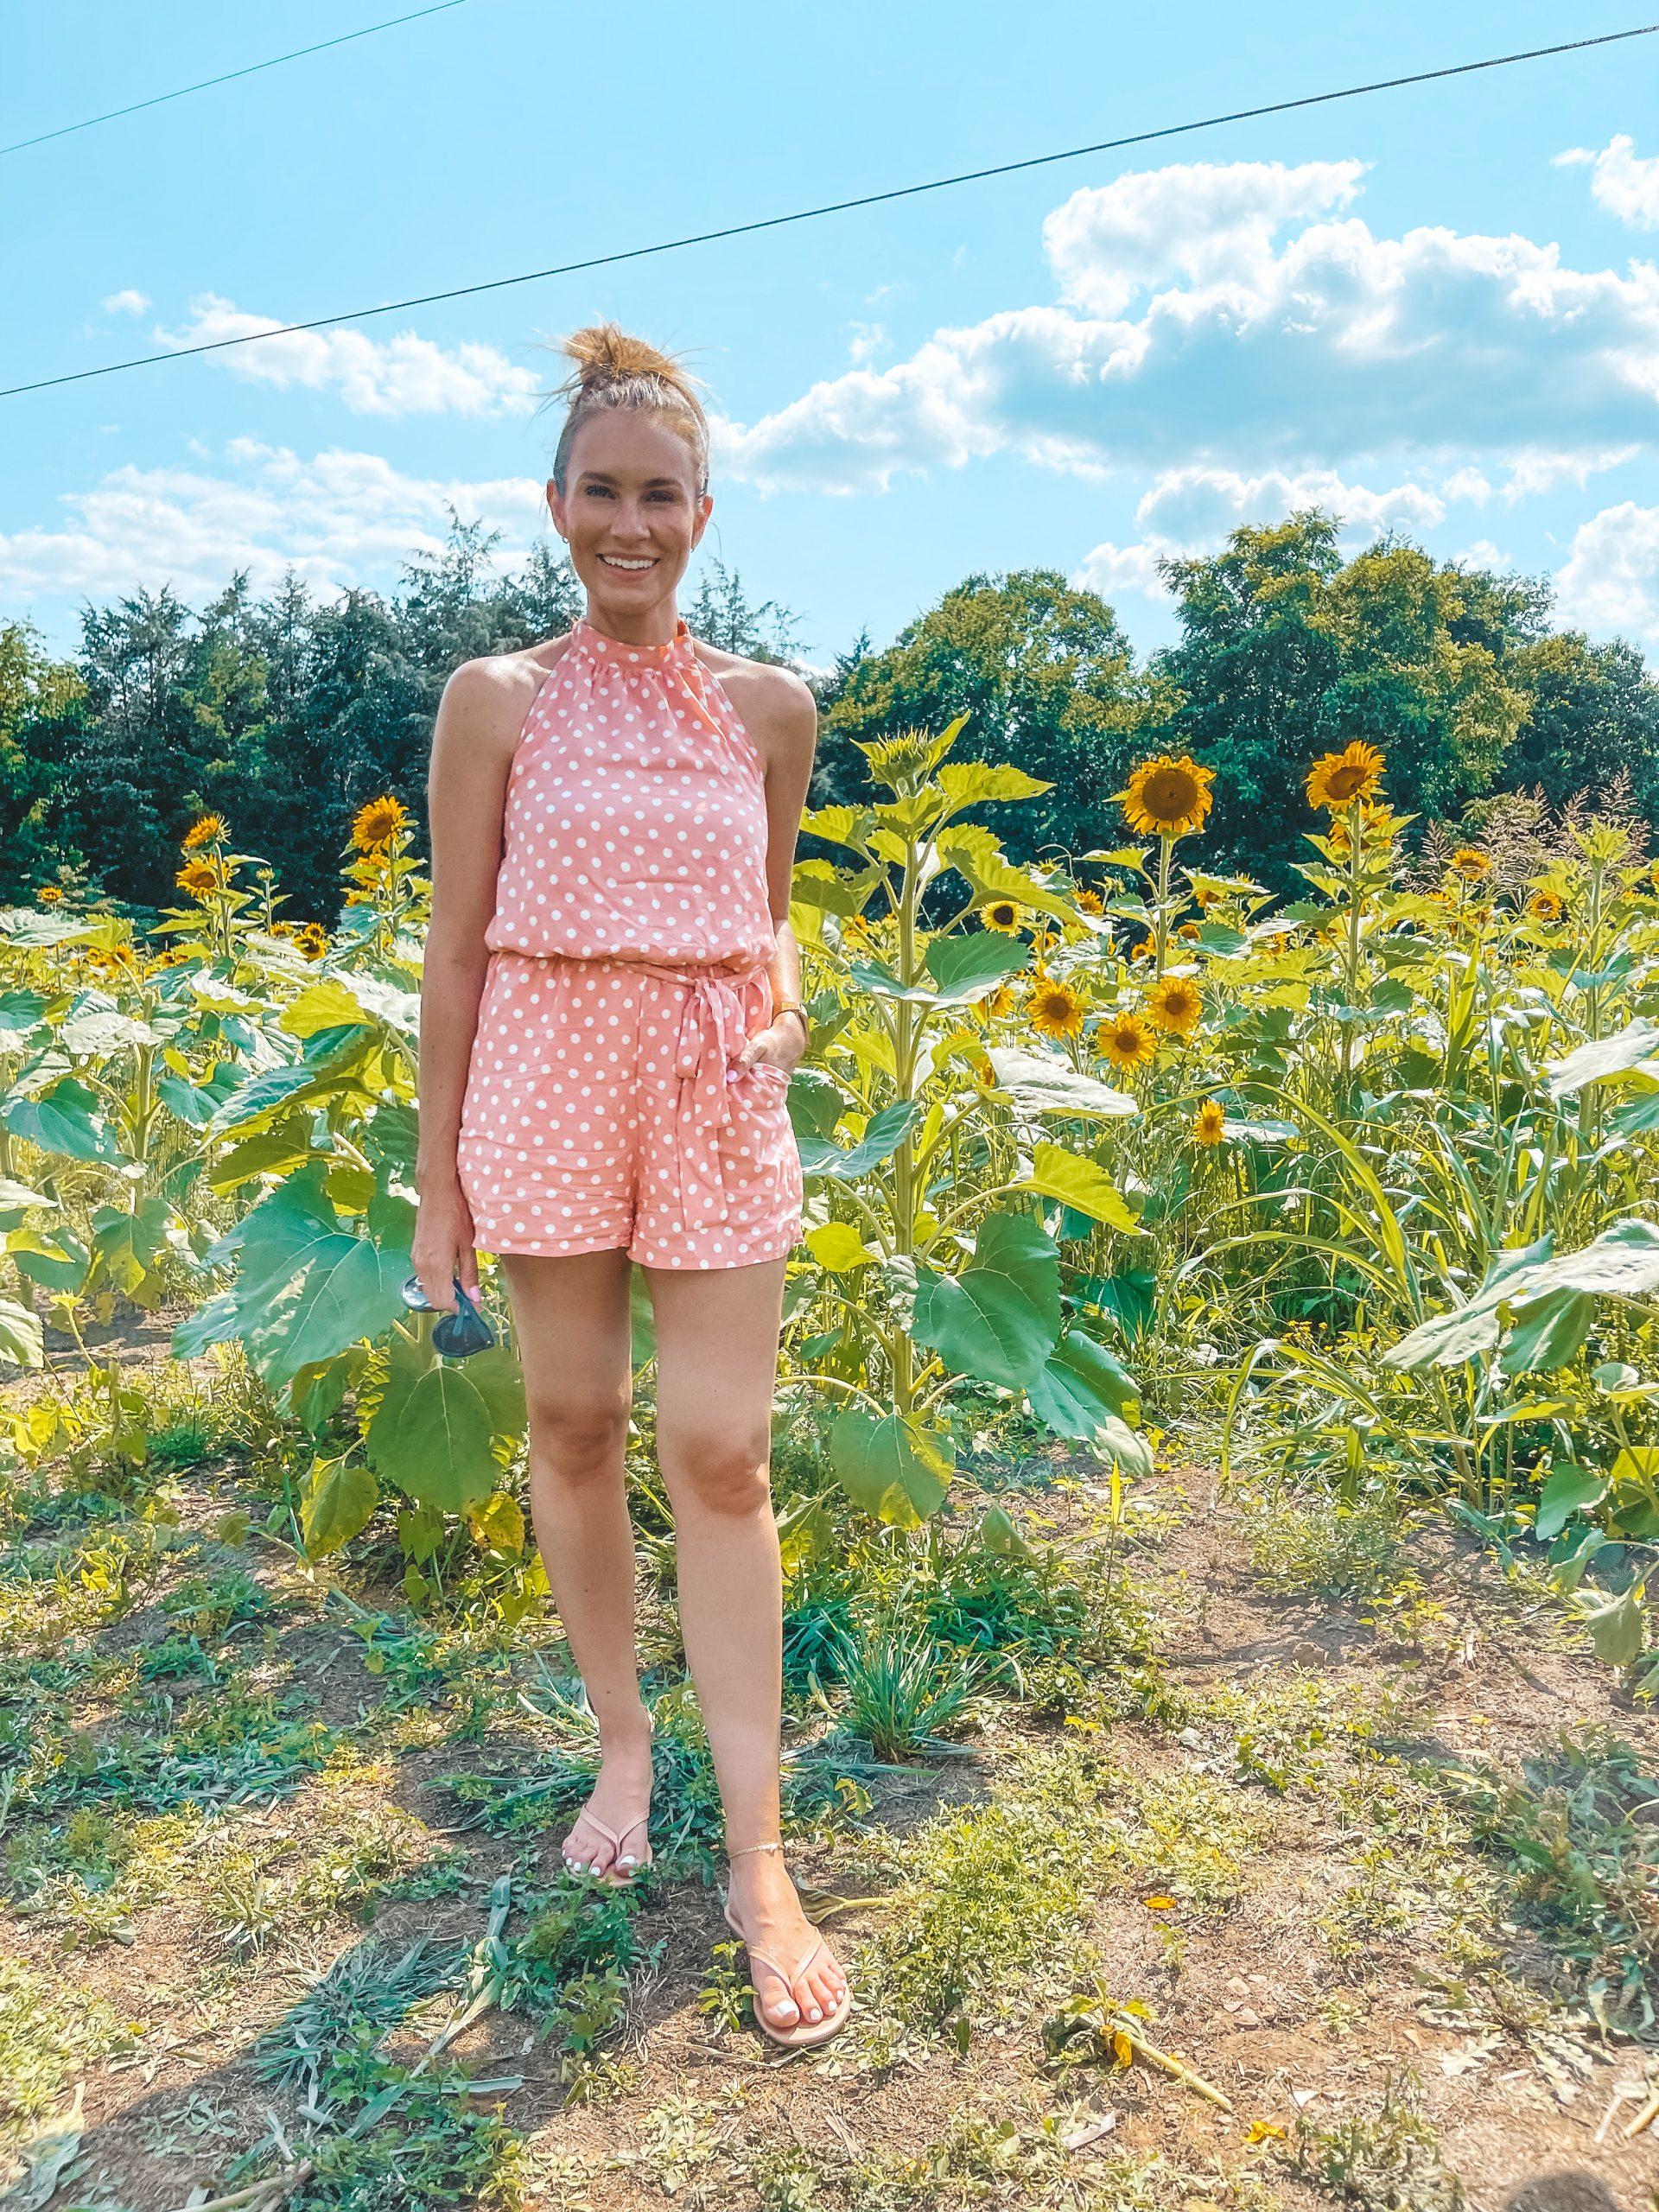 amazon polka dot romper tkees flip flops sunflower field angela lanter